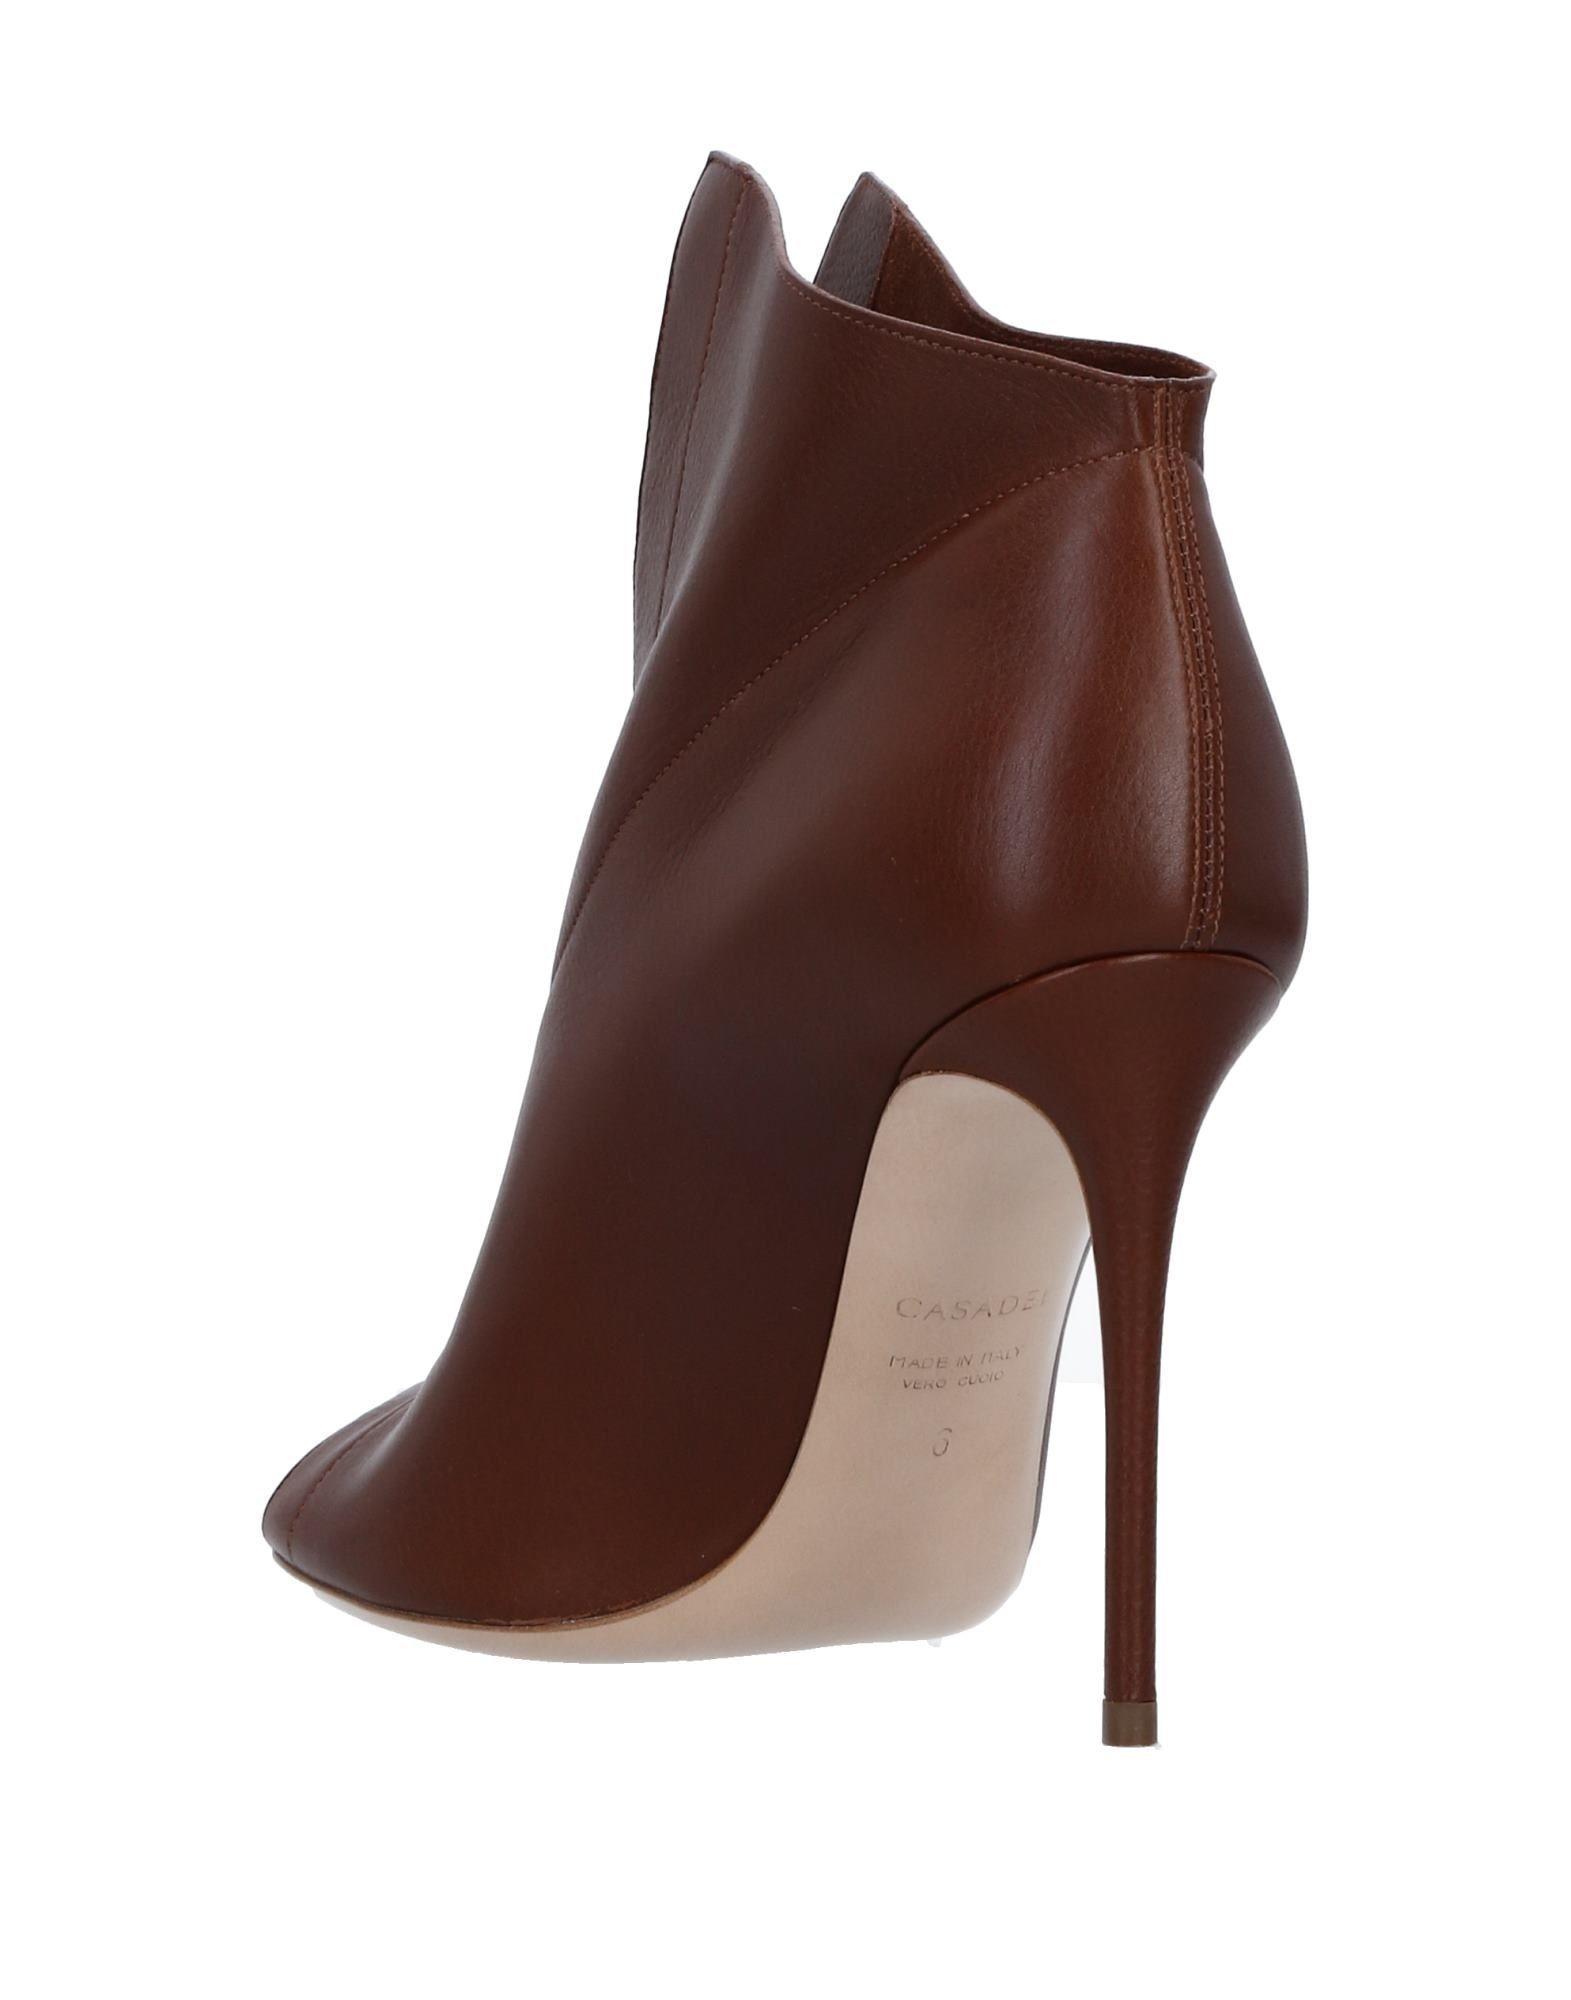 Haltbare Mode Damen billige Schuhe Casadei Stiefelette Damen Mode  11371990QN Heiße Schuhe dec0bc